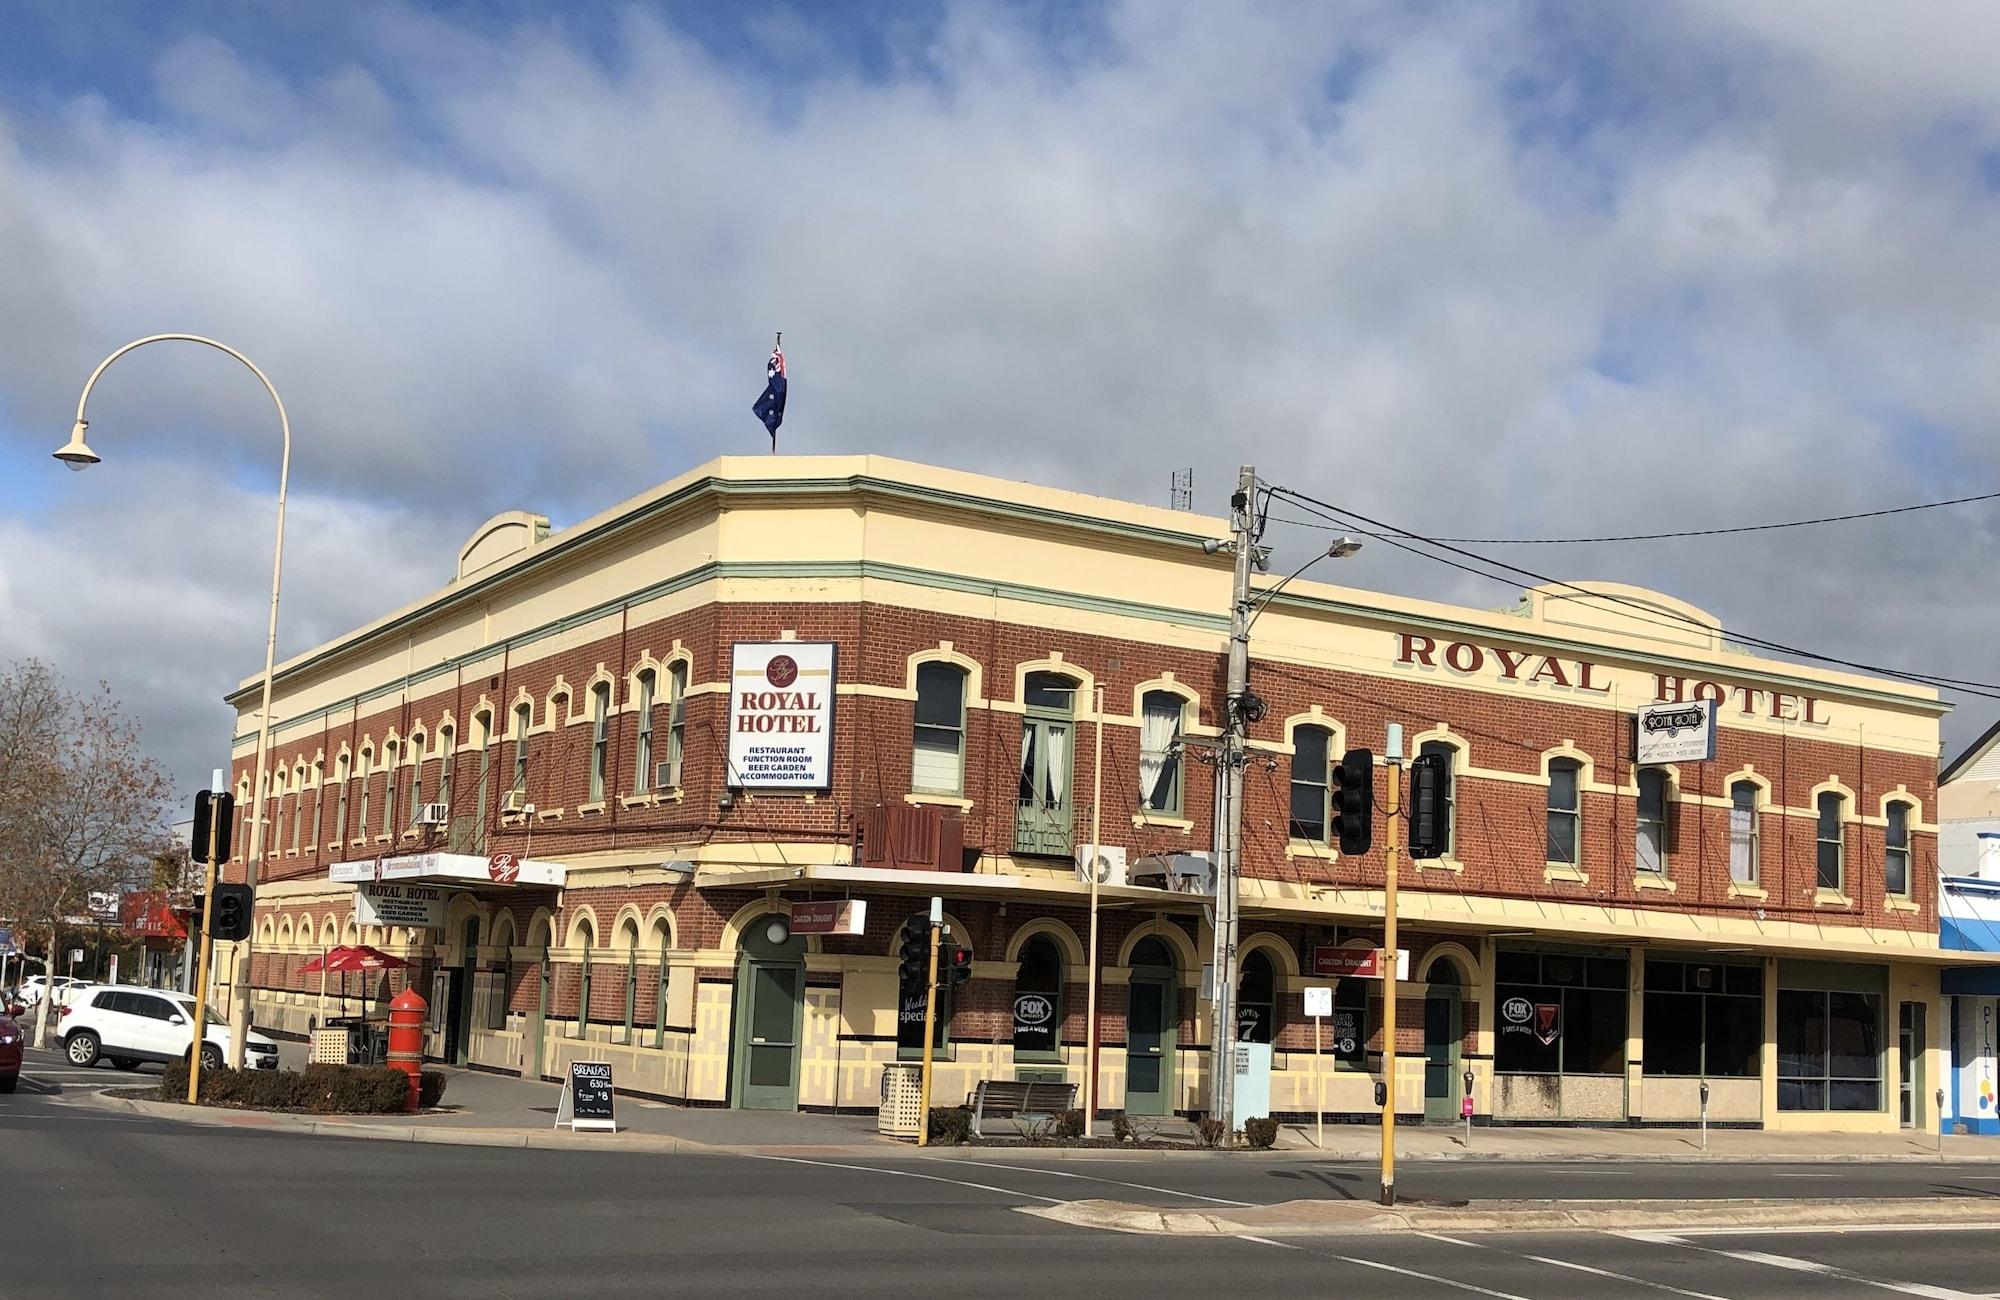 Royal Hotel, Horsham - Central